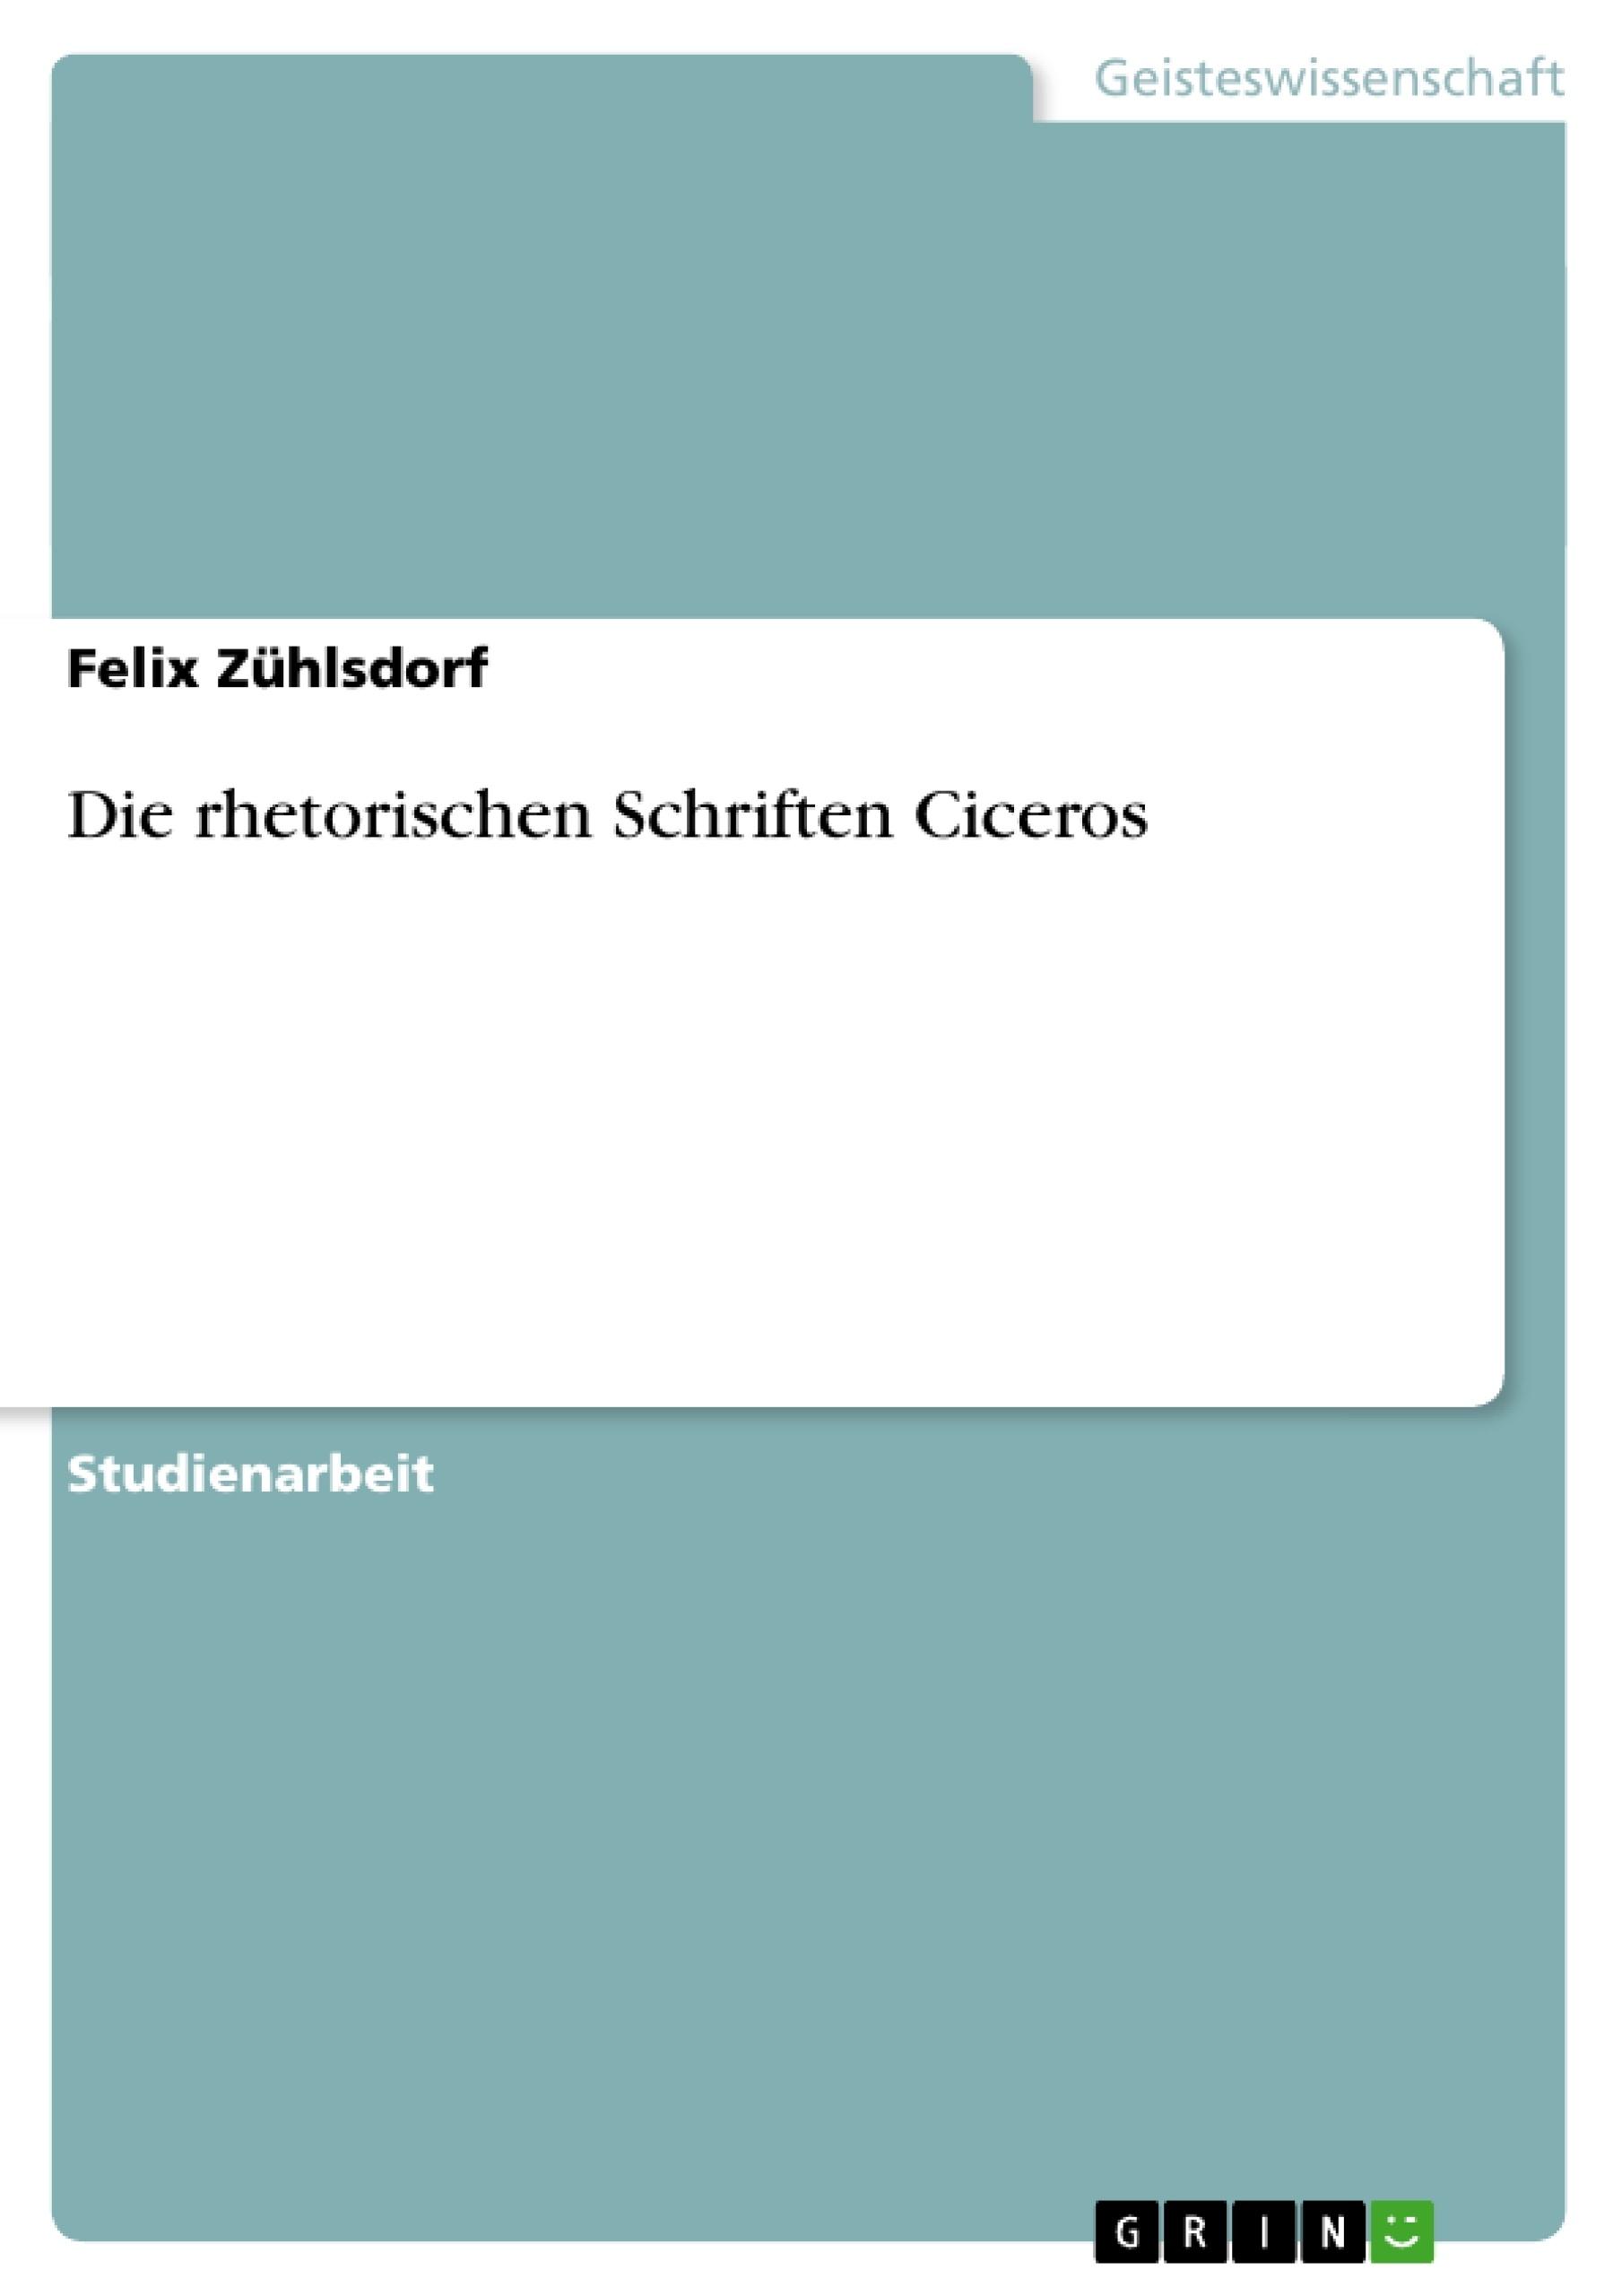 Titel: Die rhetorischen Schriften Ciceros